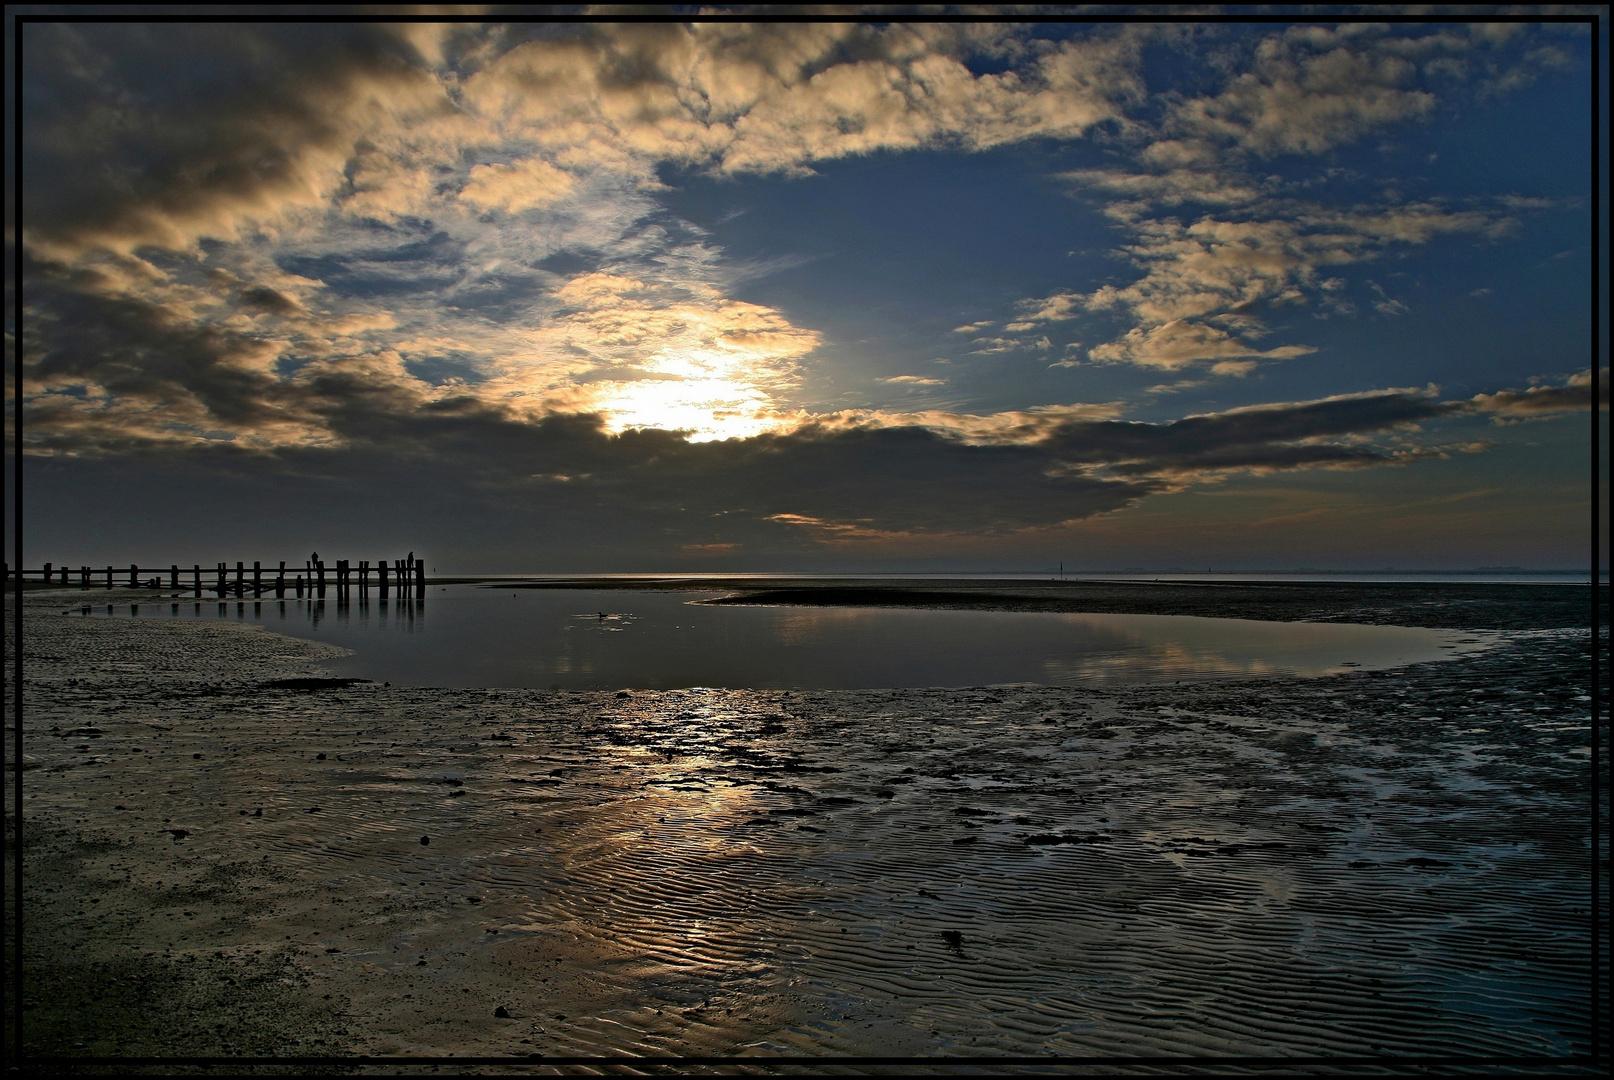 Der Morgen am Meer